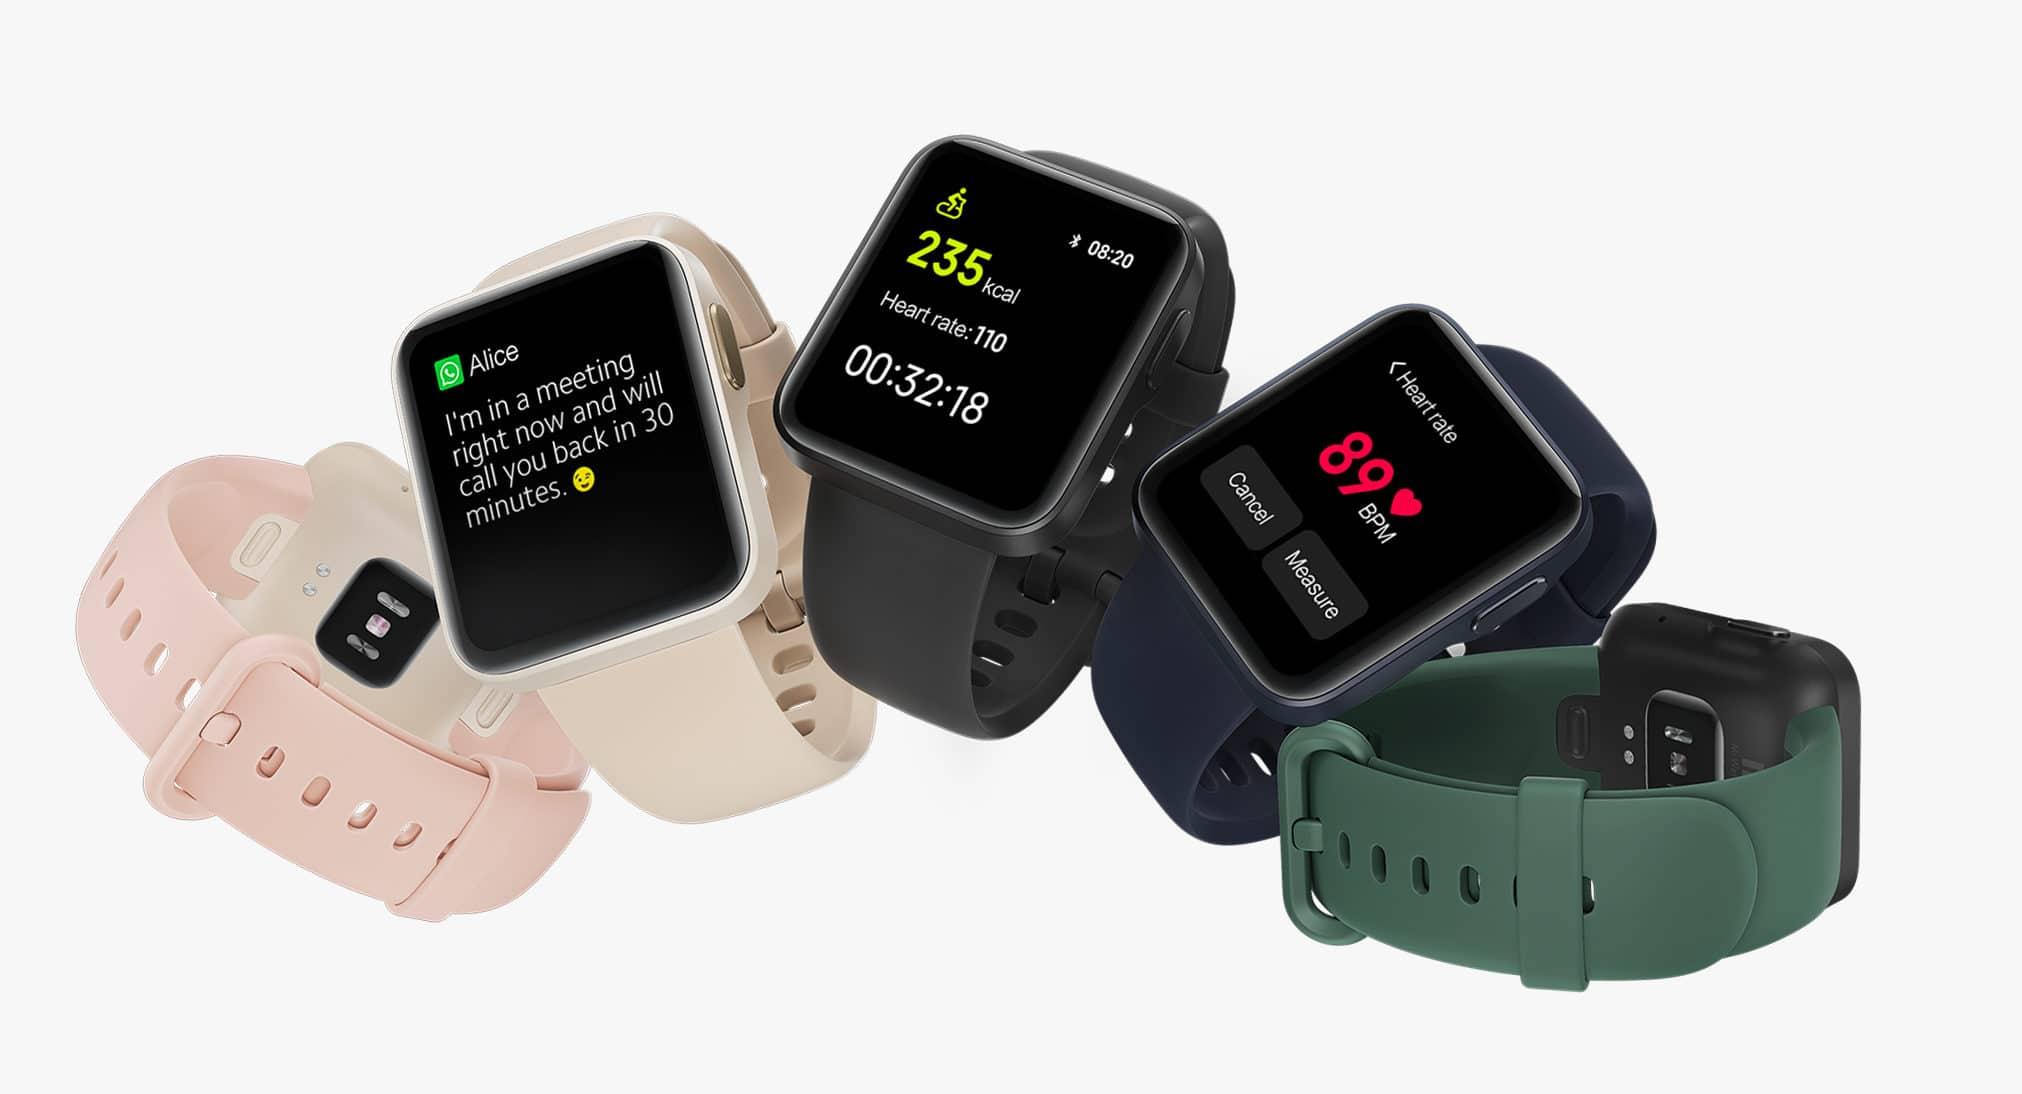 Xiaomi bleibt bei der Mi Watch Lite grundsätzlich bei dem rechteckigen Design der aller ersten Mi Watch, die nur in China veröffentlicht wurde. Auf den zweiten Blick merkt man dann auch, dass sie genauso aussieht wie die Redmi Watch. Die wurde ebenfalls nur in China vorgestellt. Das Zentrum der Aufmerksamkeit ist hier sicherlich das 1,4″ TFT Farb-Touchscreendisplay, welches eine Auflösung von 320 x 320 Pixeln bietet. Summa Summarum kommt man so auf eine Pixeldichte von 323 ppi, ein starker Wert für eine Uhr dieser Preisklasse.